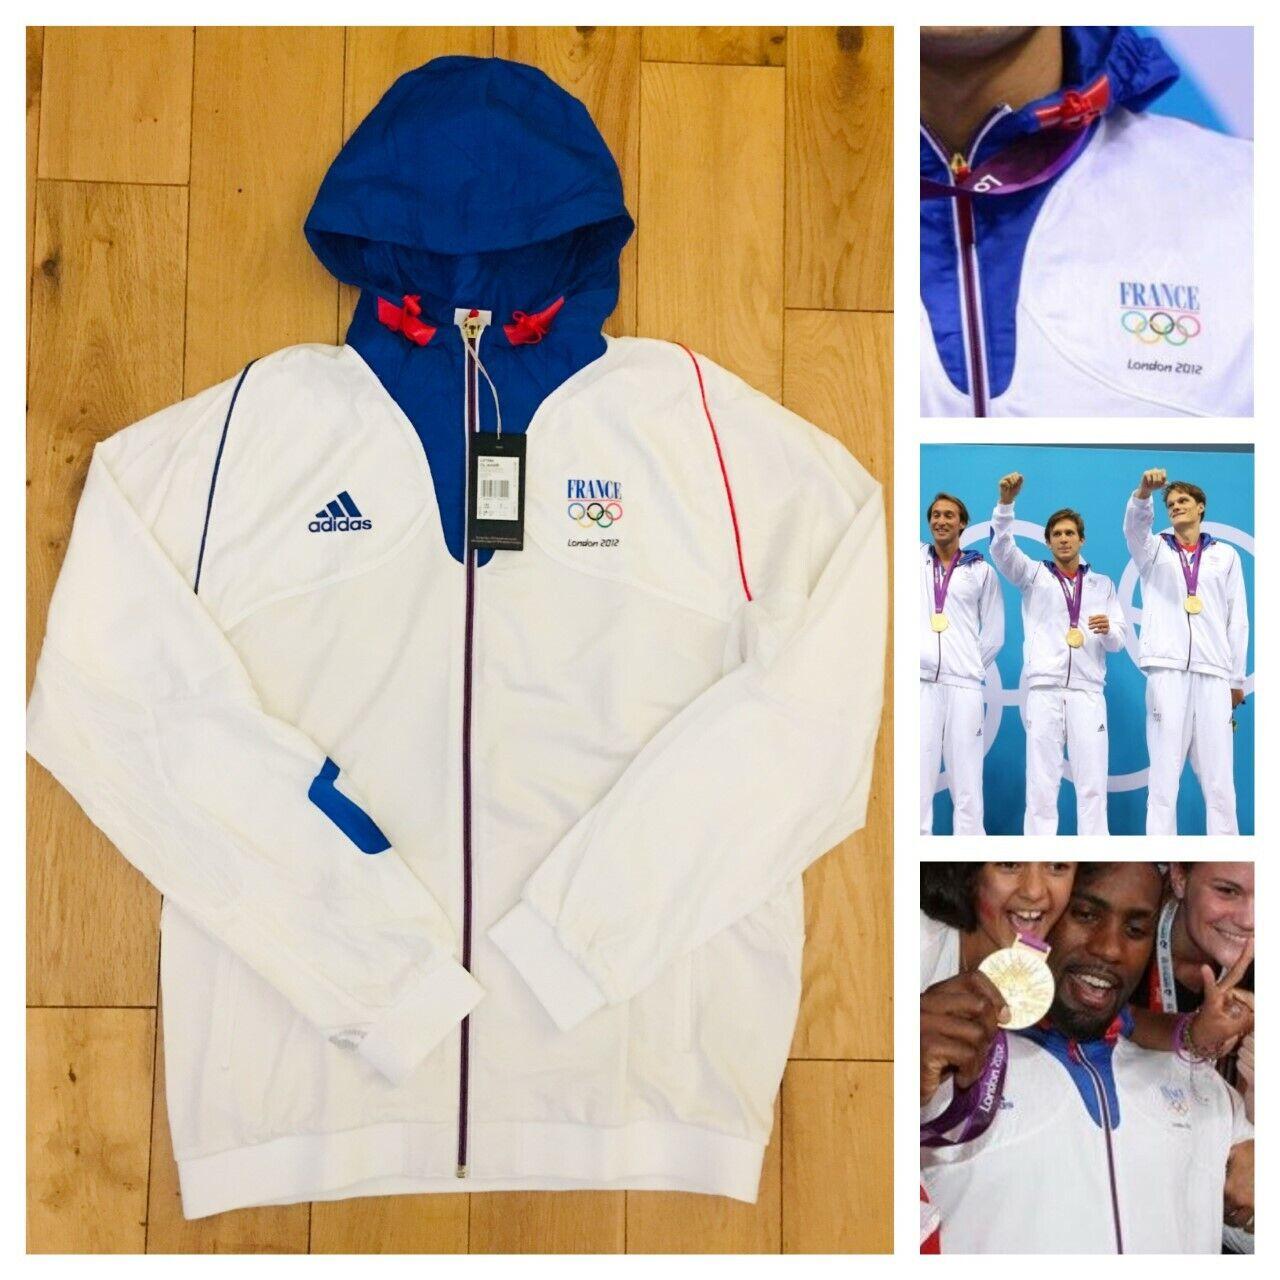 Adidas Uomo Francia pro Elite Atleta Olimpiche 2012 con Cappuccio Podio